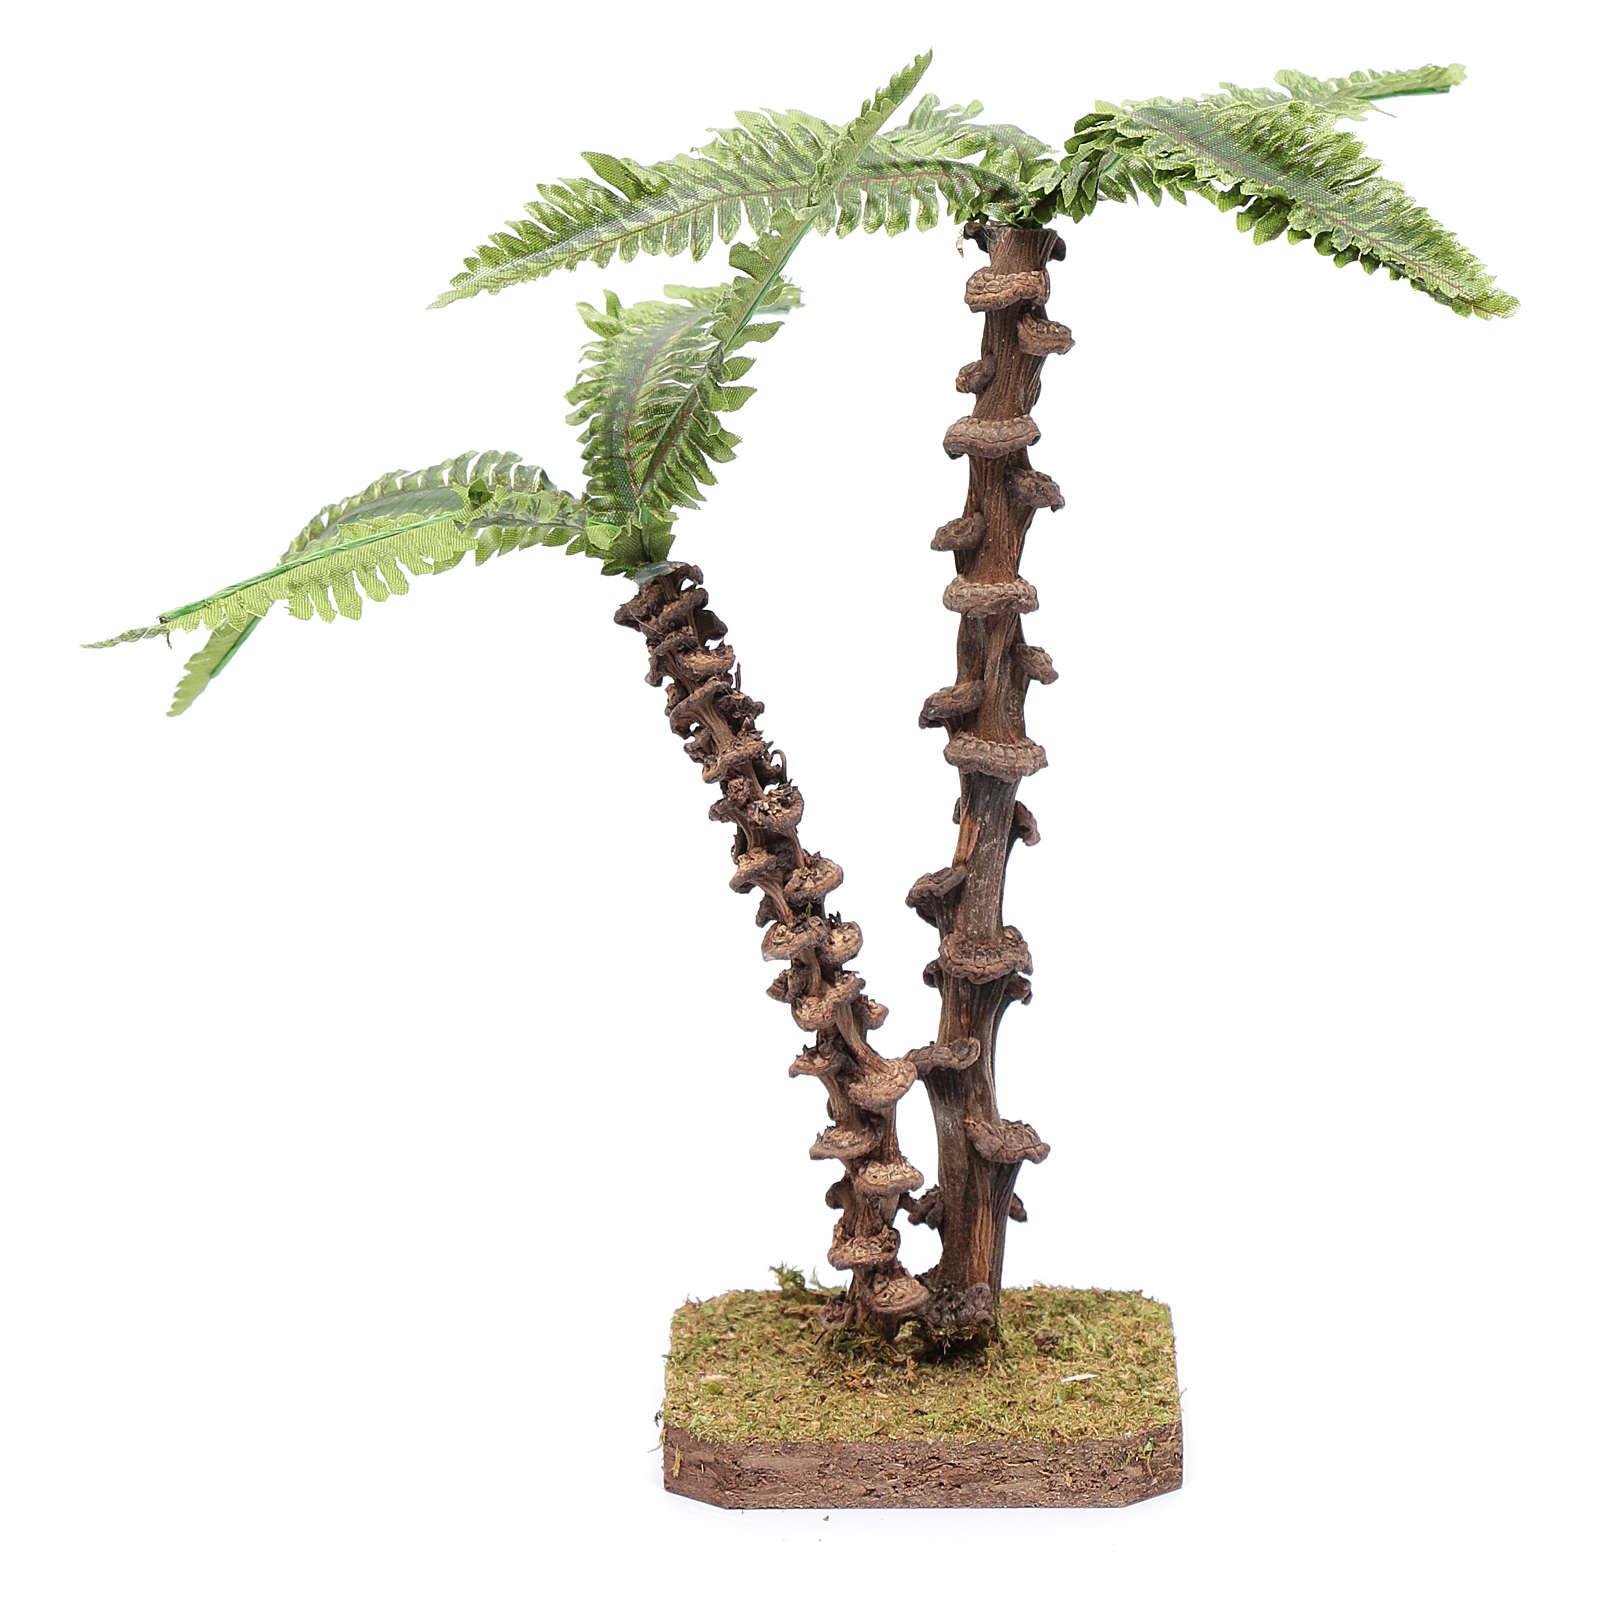 Palma doppia con fusto lavorato e foglie verdi modellabili 4